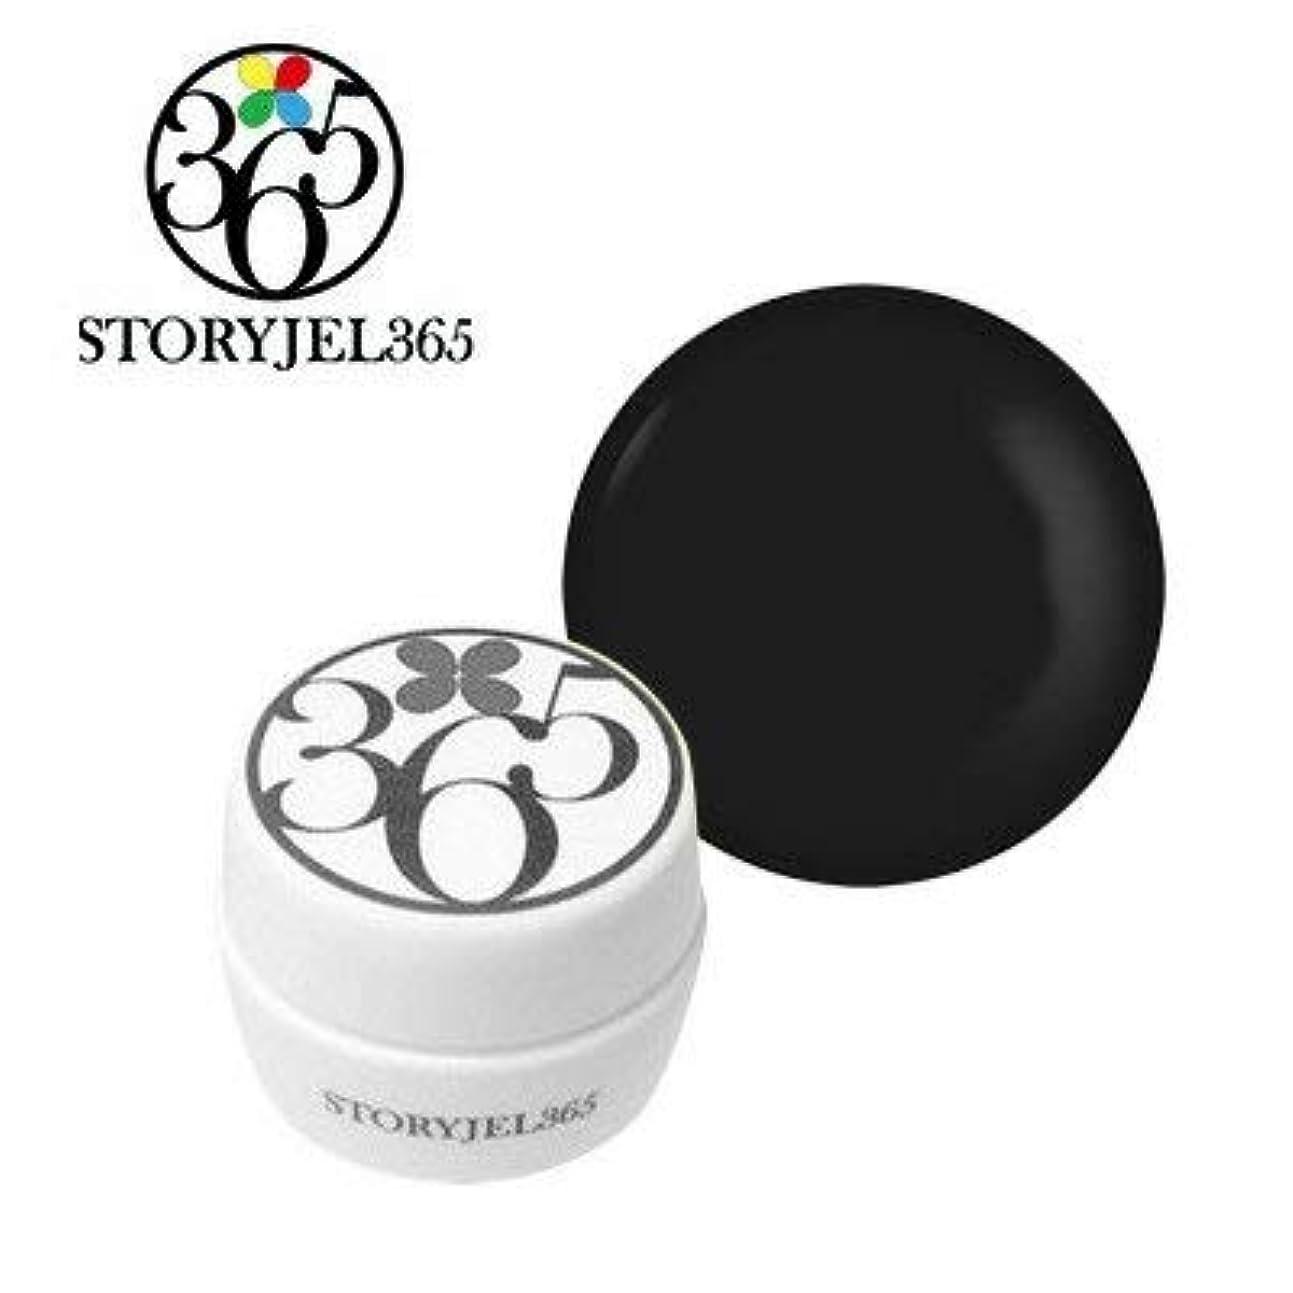 苦近代化ブレーキSTORYJEL365 カラージェル 5g (ストーリージェル) SJS-301M-D 聖なる石